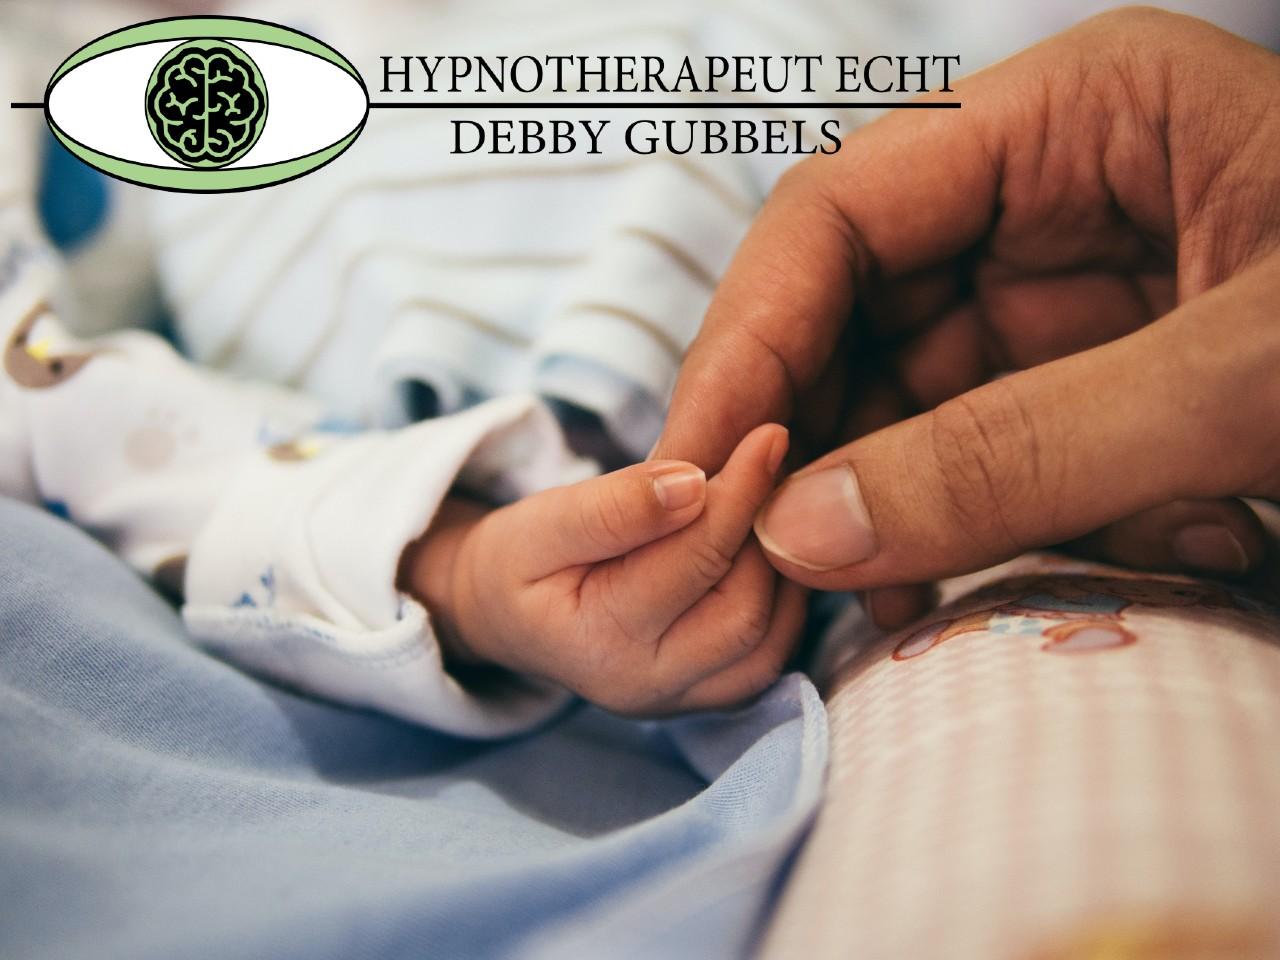 Hypnotherapeut Echt Debby Gubbels De oorzaken van een onveilige hechting